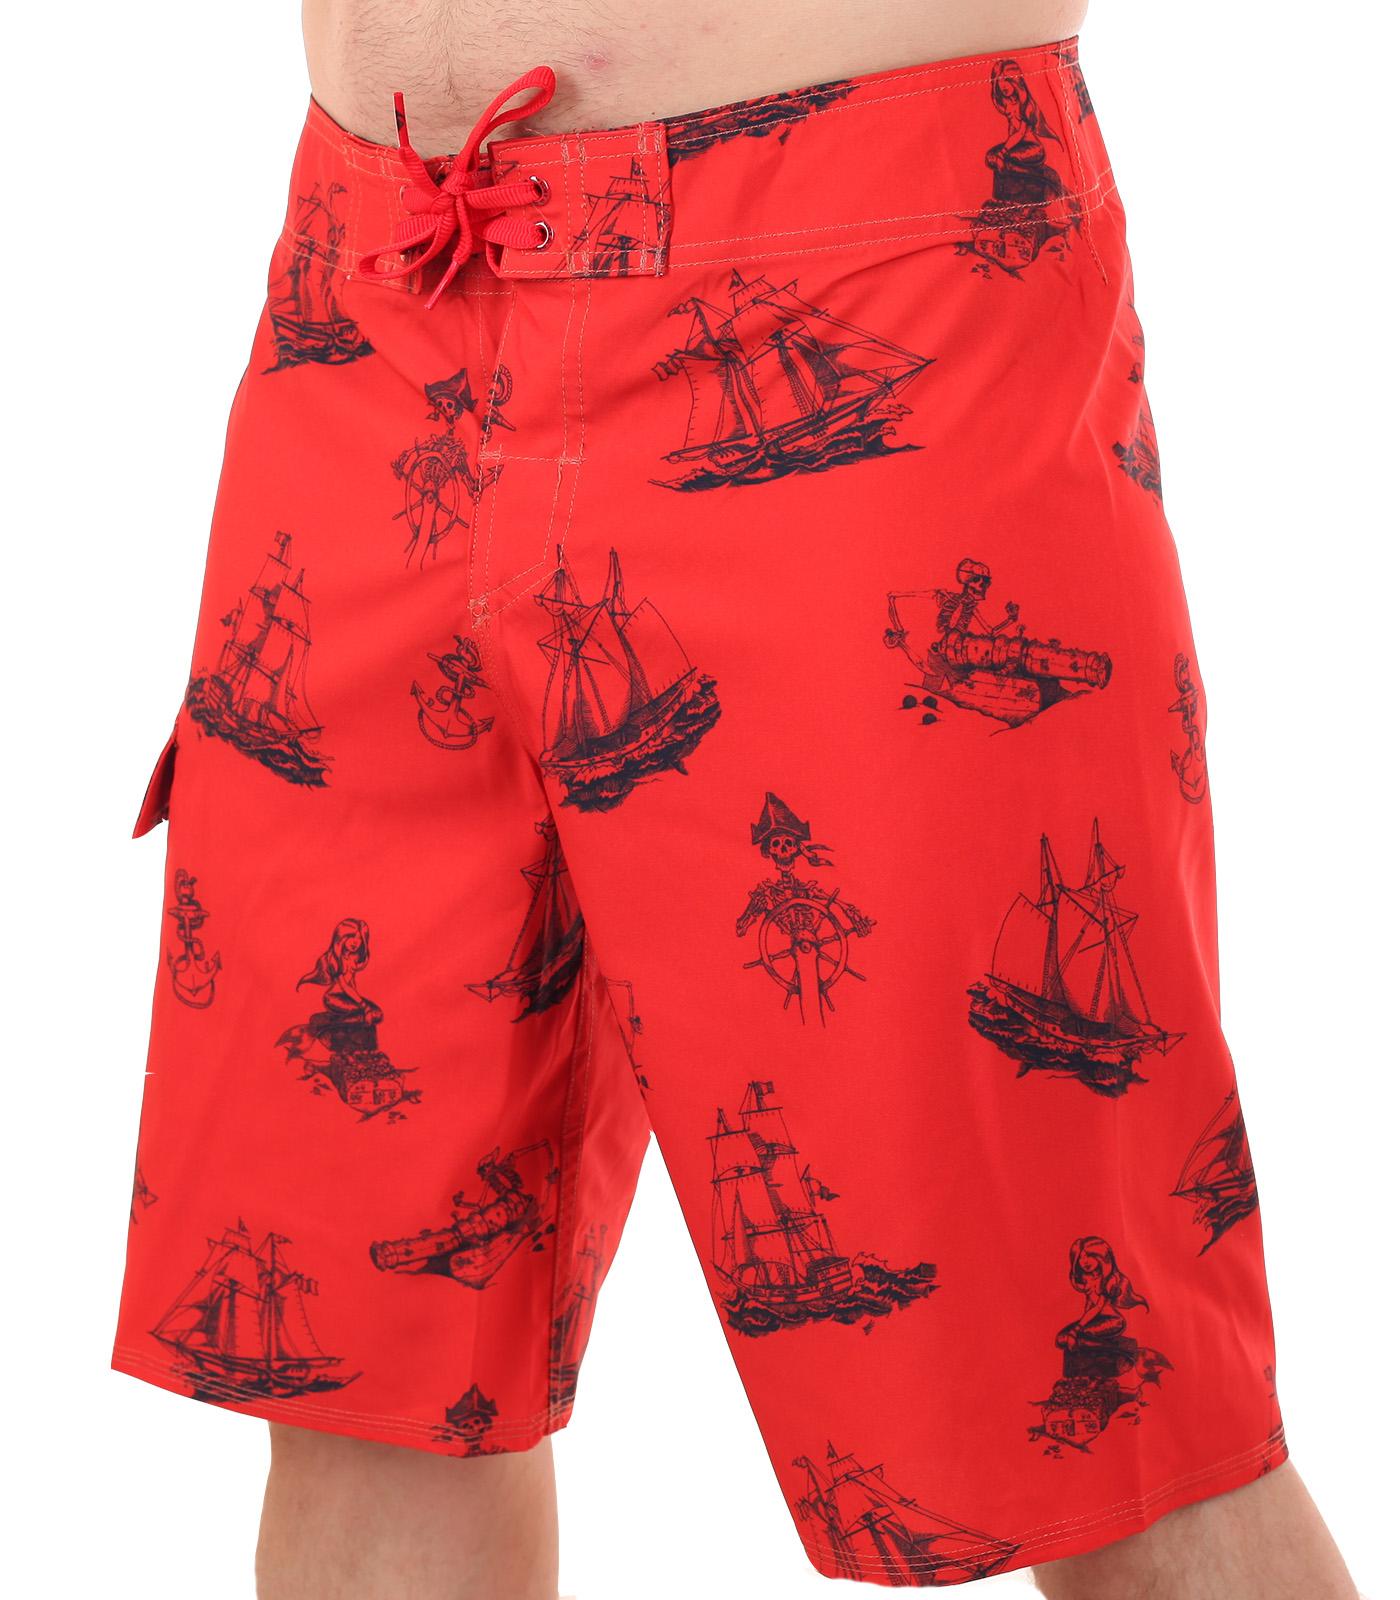 Дешевые плавательные шорты с удобной посадкой